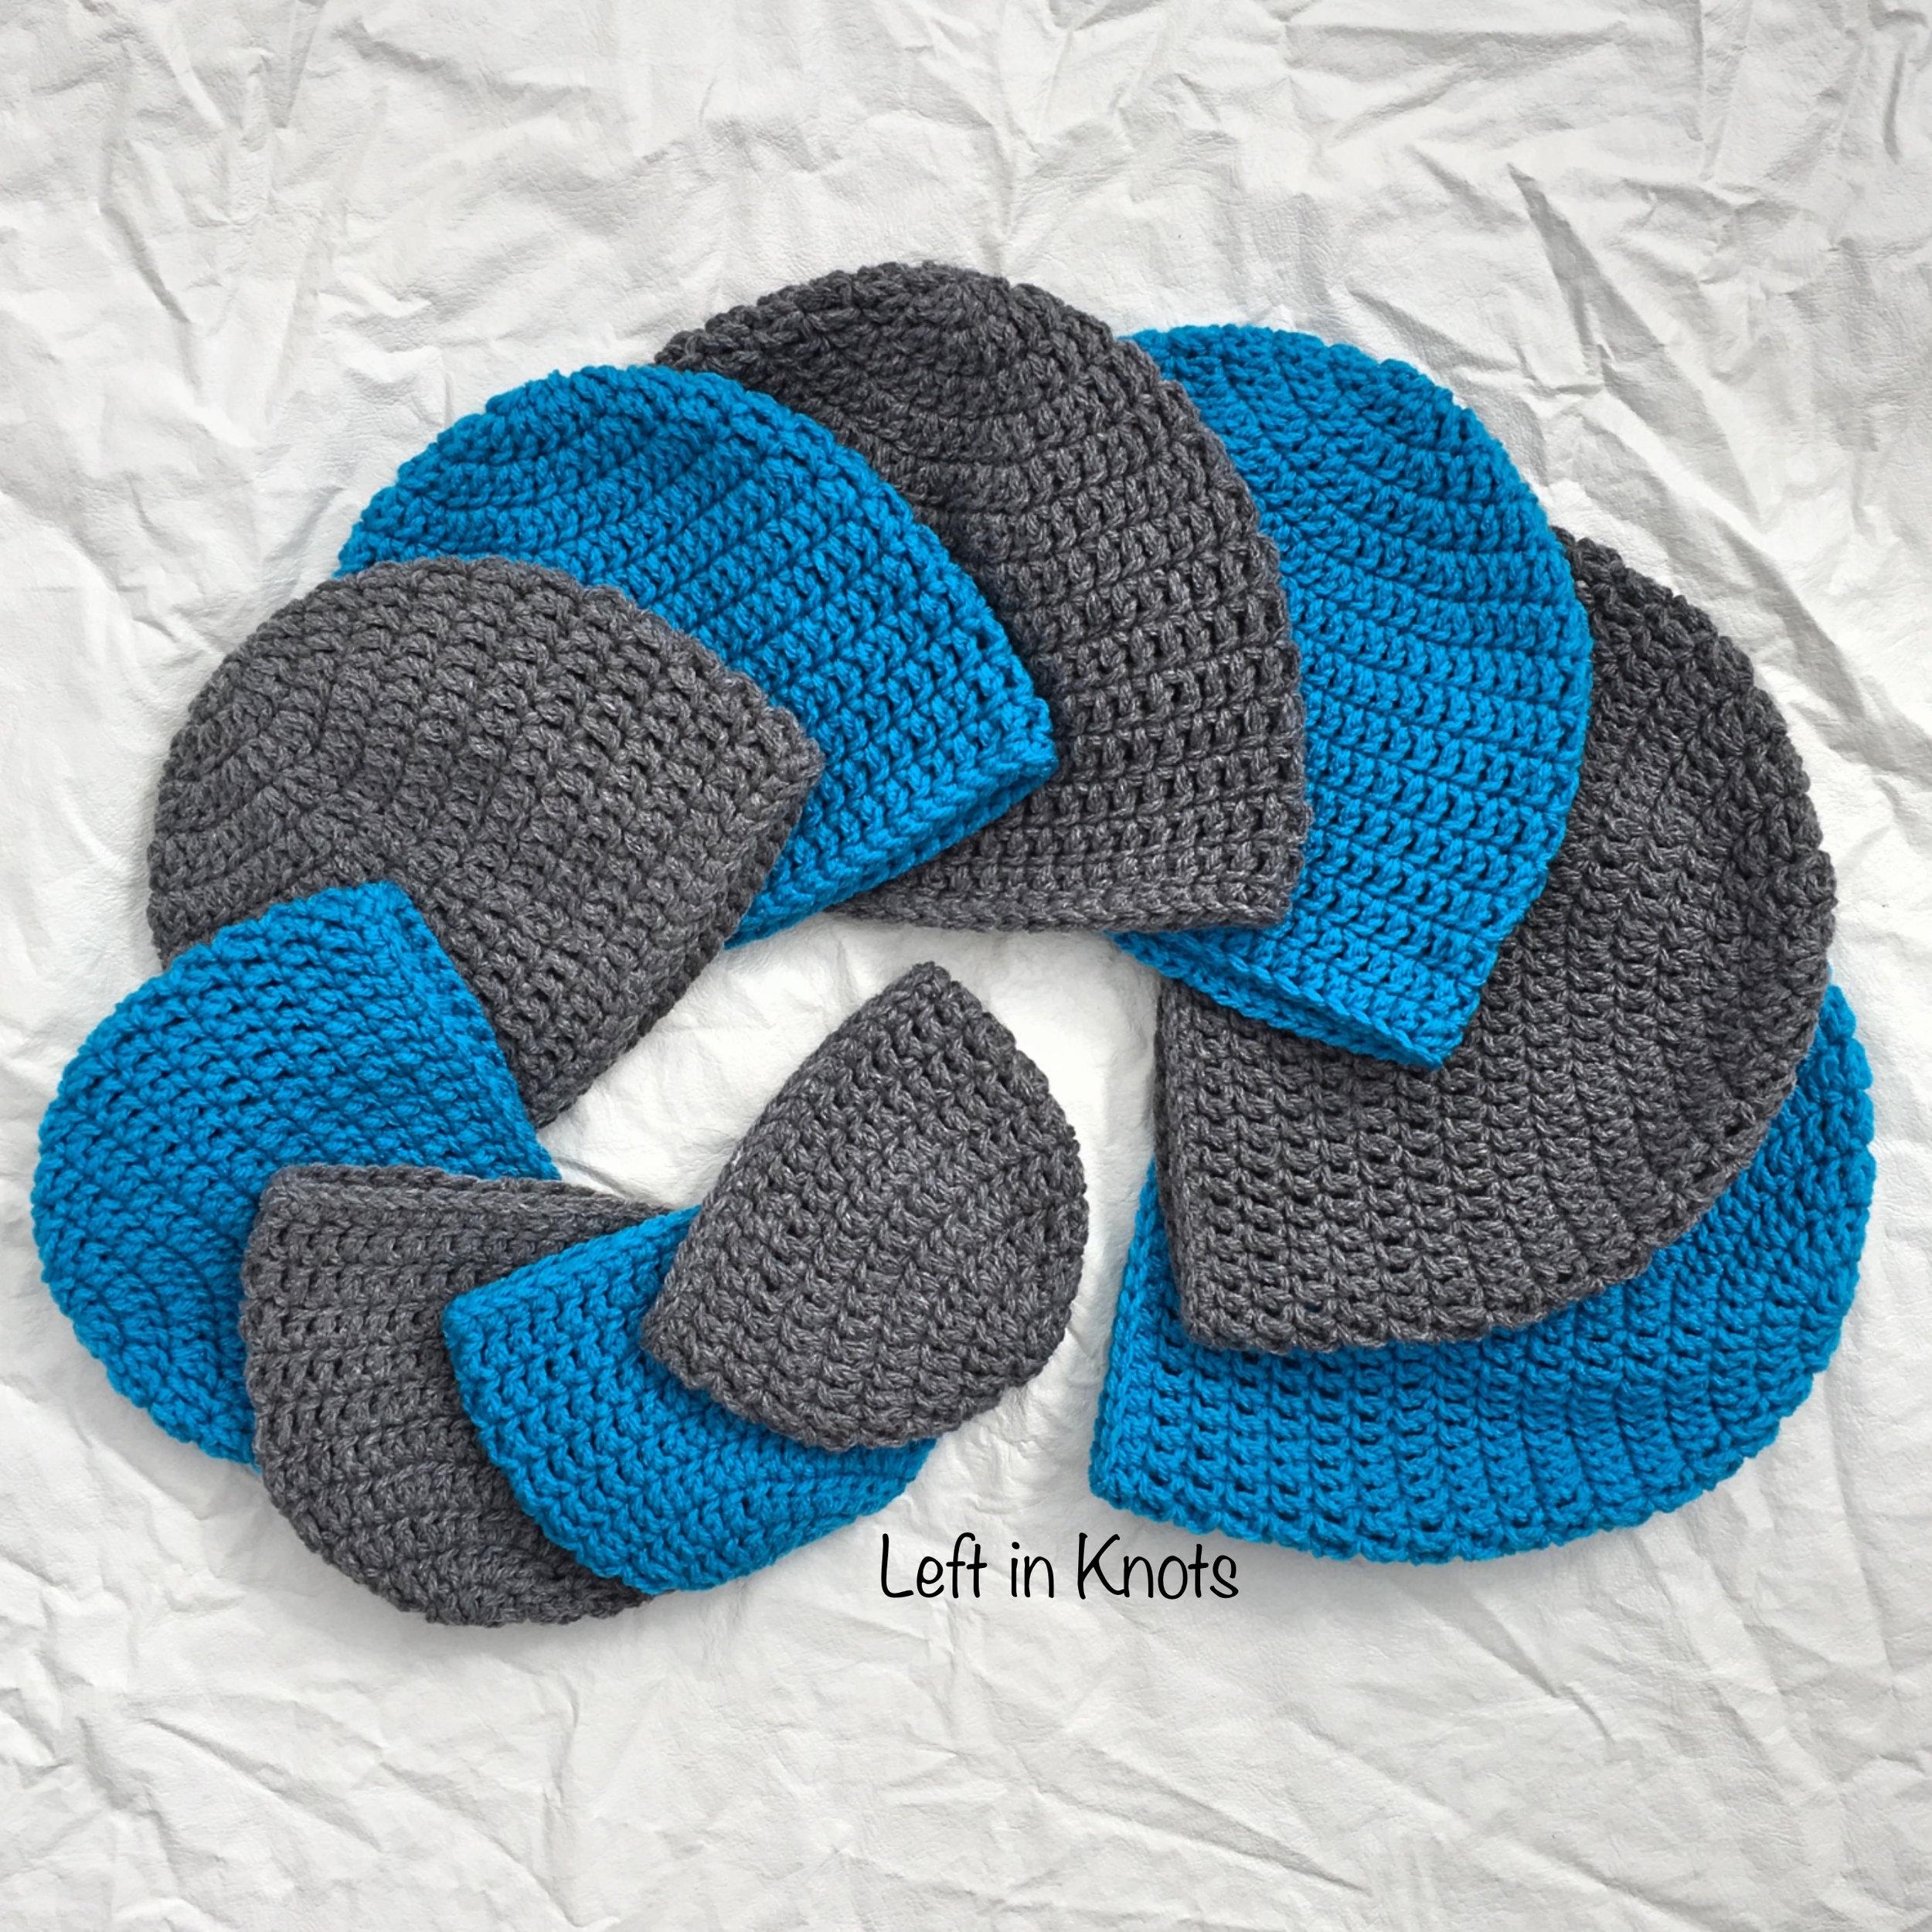 Double Crochet Hat in 10 Sizes